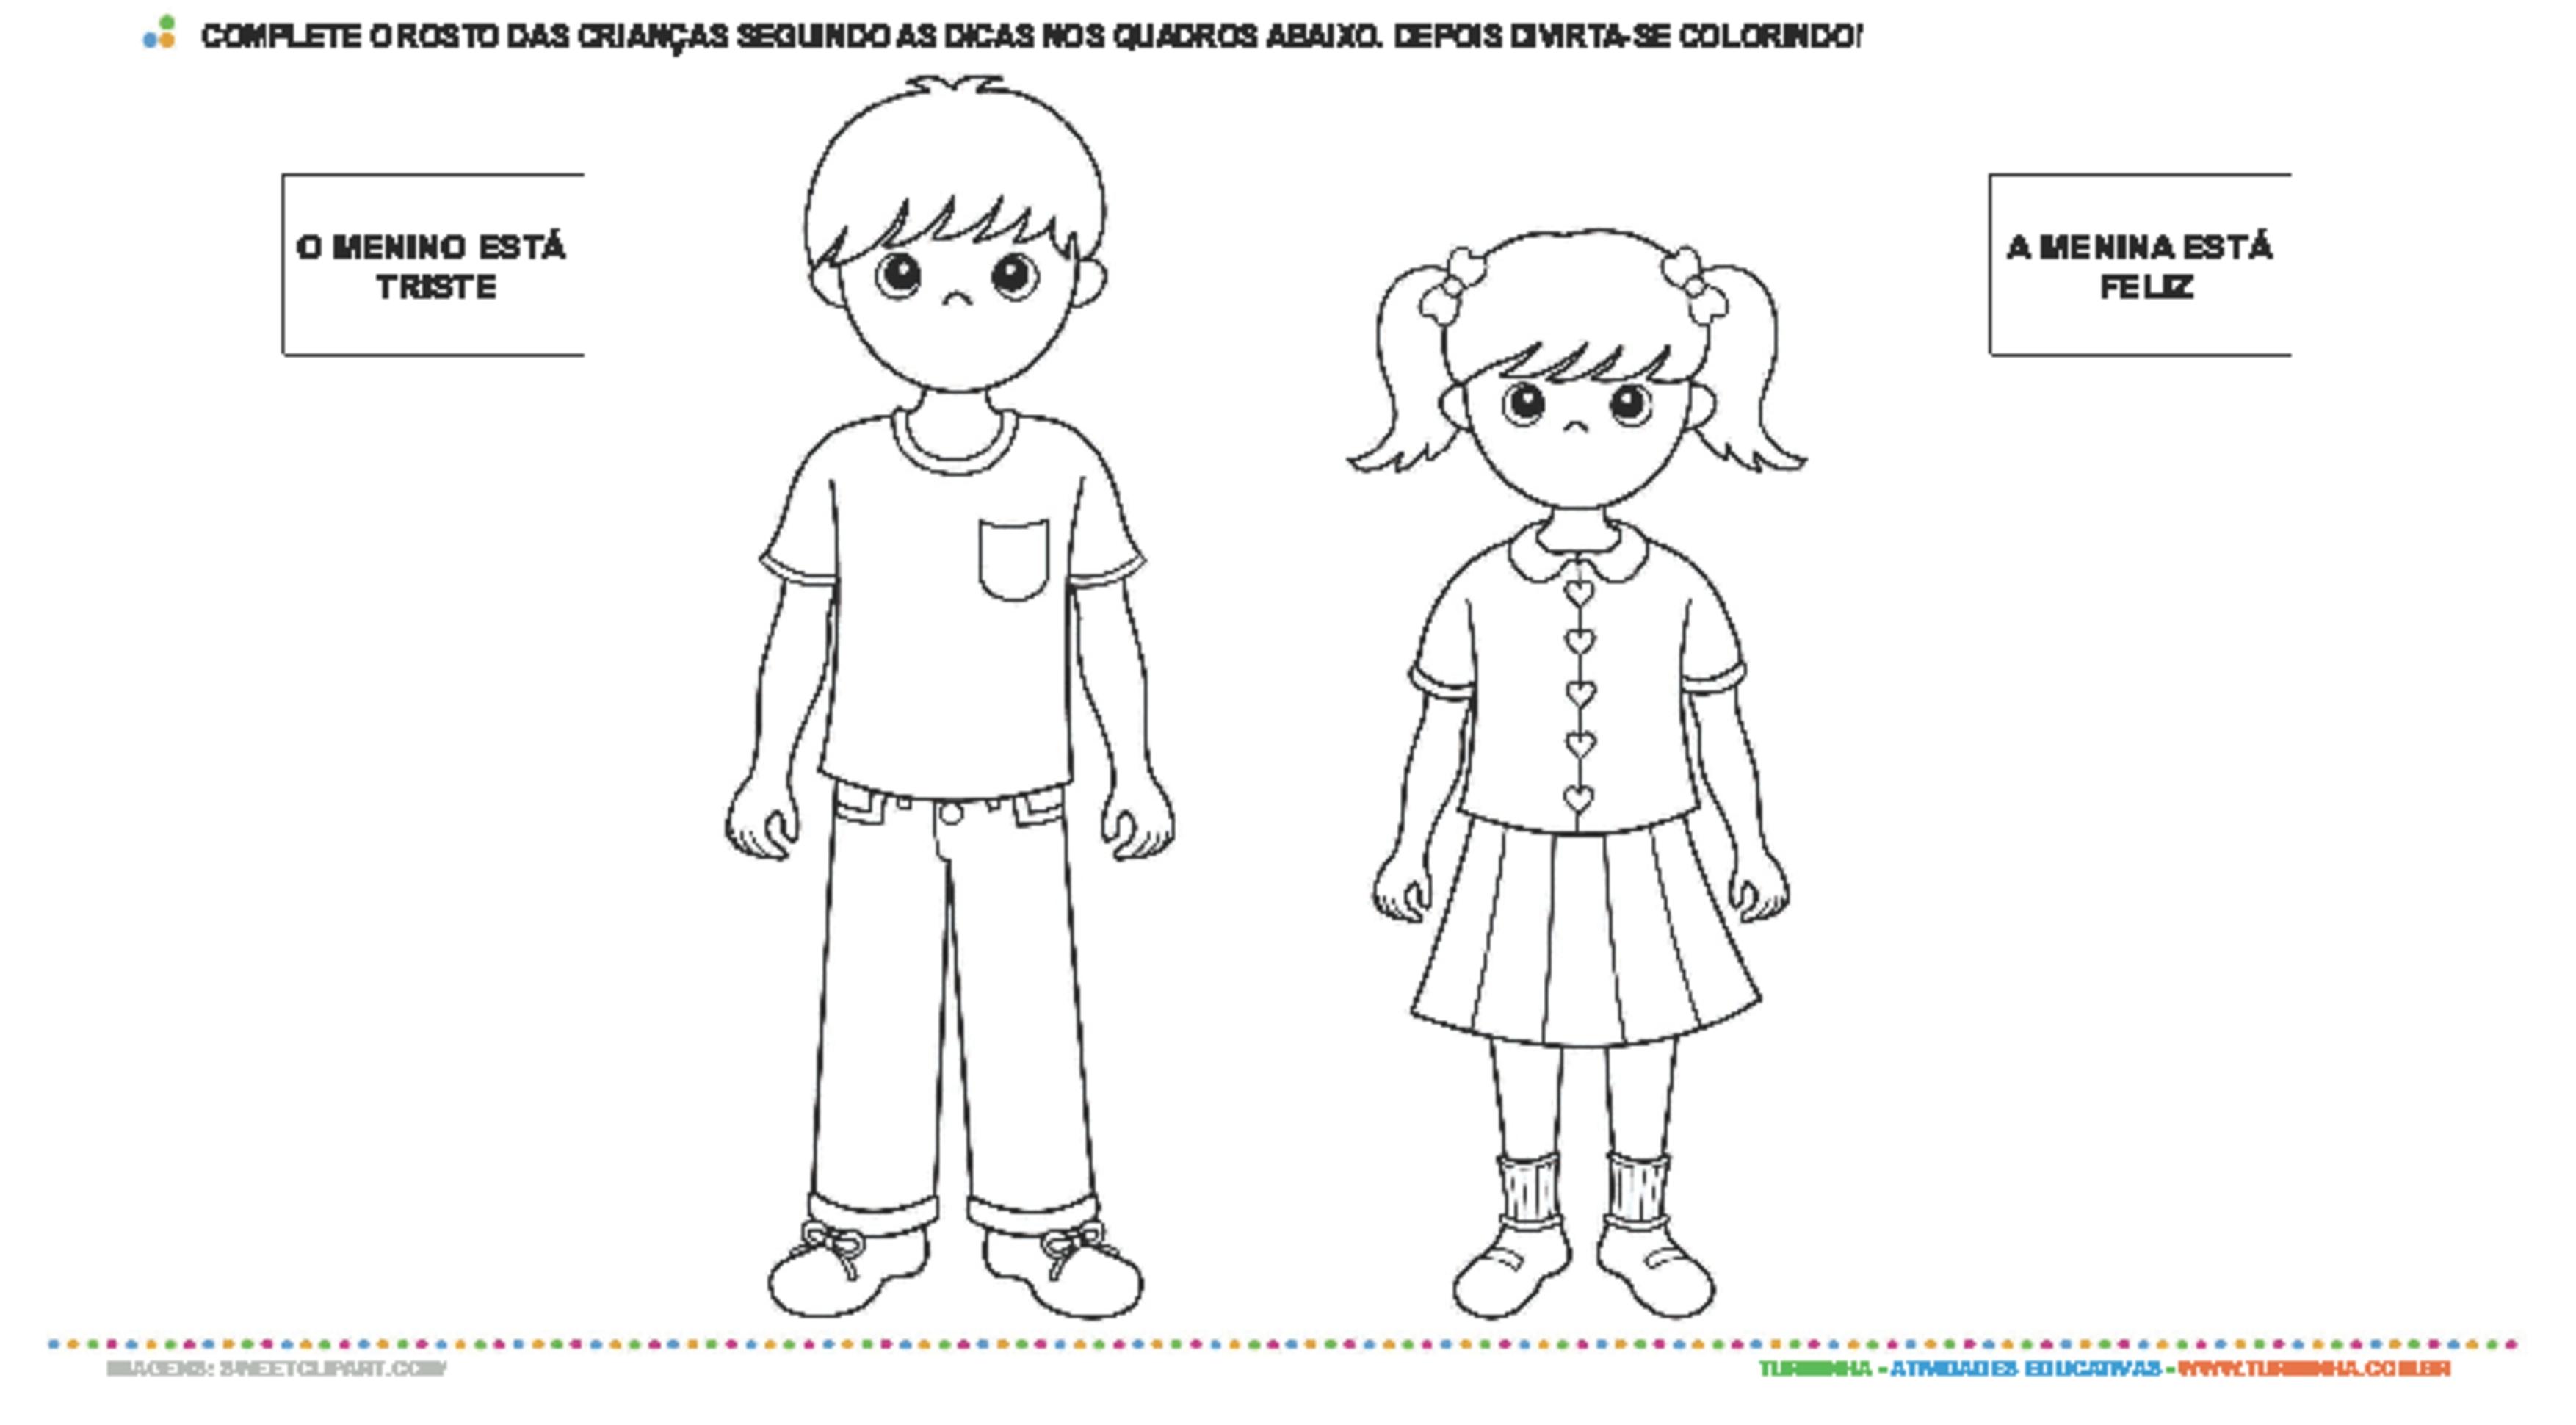 Expressões faciais: Feliz e Triste - atividade educativa para Creche (0 a 3 anos)